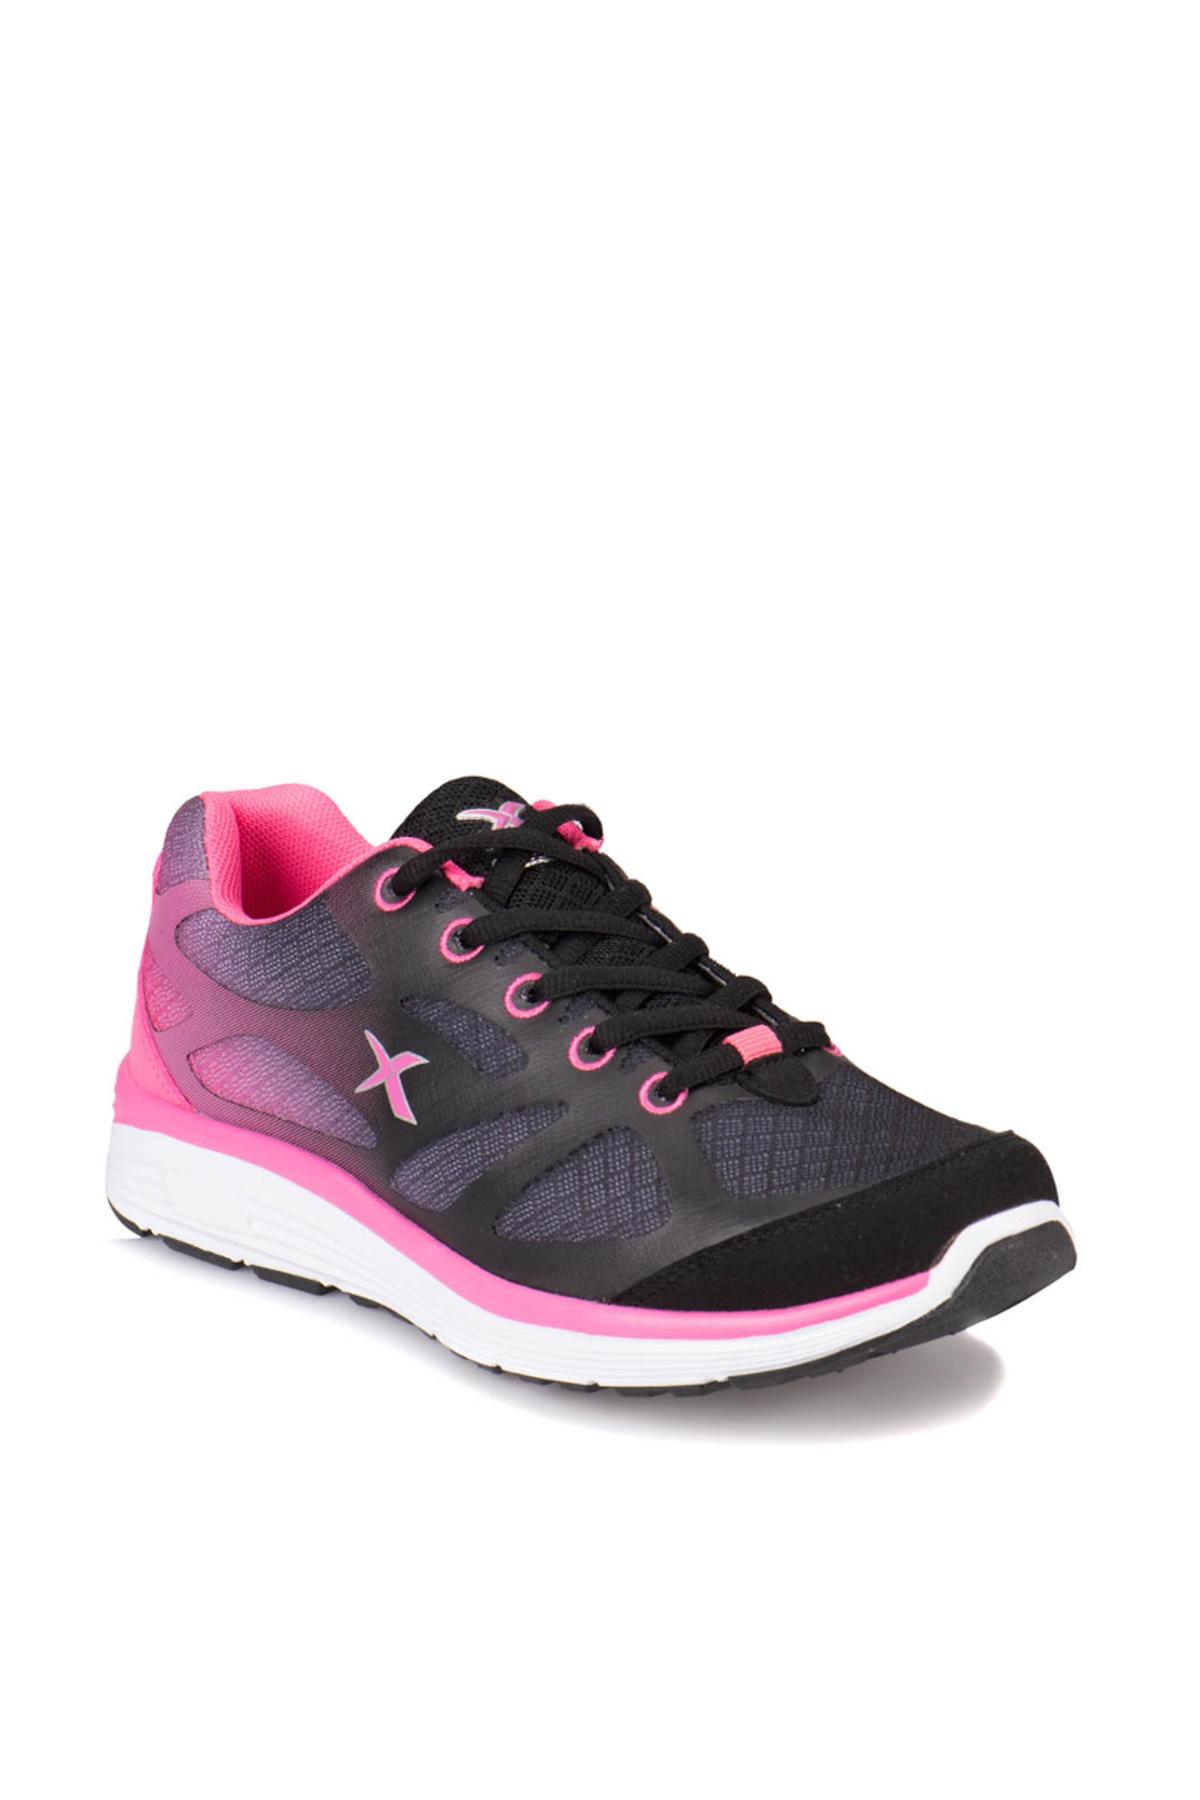 Kinetix A1315671 Fuşya Siyah Kadın Koşu Ayakkabısı 100223305 1